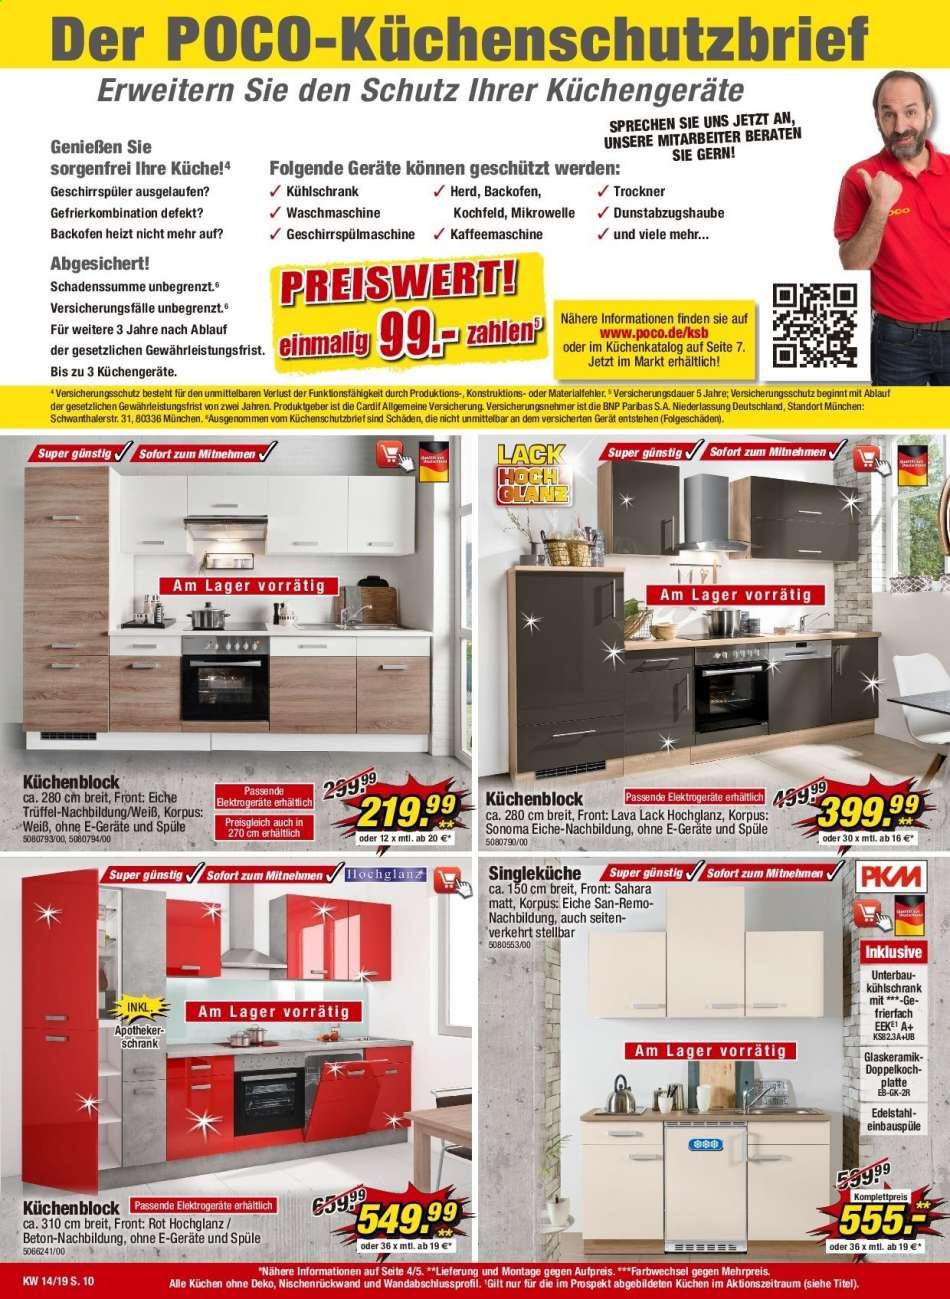 Full Size of Poco Küchen Aktuelles Prospekt 3032019 342019 Rabatt Kompass Betten Big Sofa Regal Küche Bett 140x200 Schlafzimmer Komplett Wohnzimmer Poco Küchen